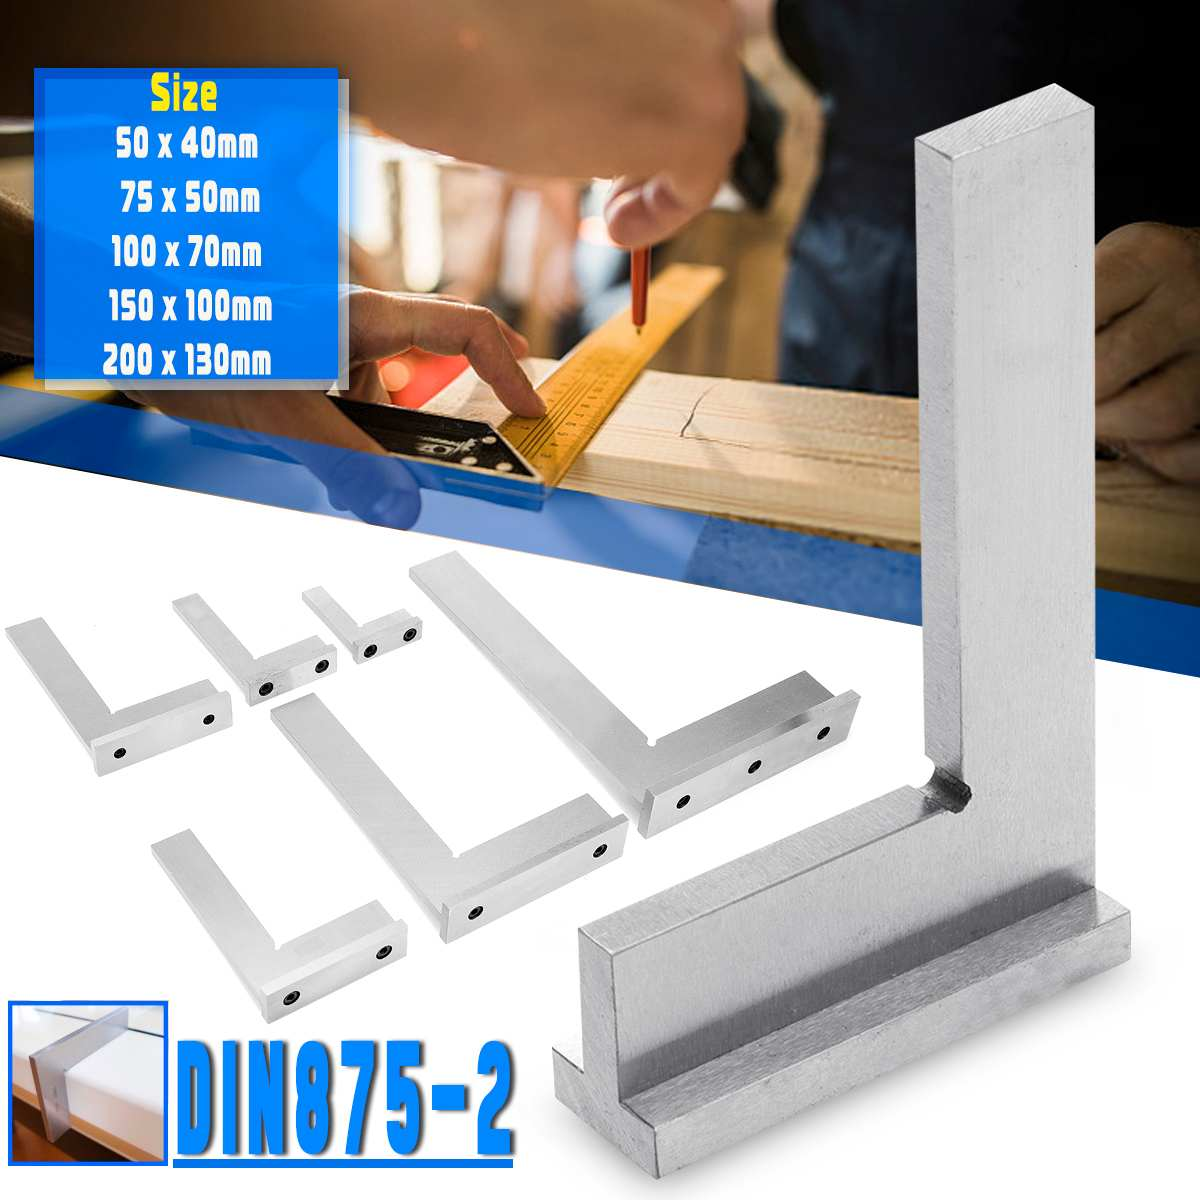 멀티 사이즈 50x 40mm ~ 200x130mm DIN875-2 등급 90 ° 정확도 각도 게이지 코너 기계공 사각형 눈금자 넓은베이스 측정 도구